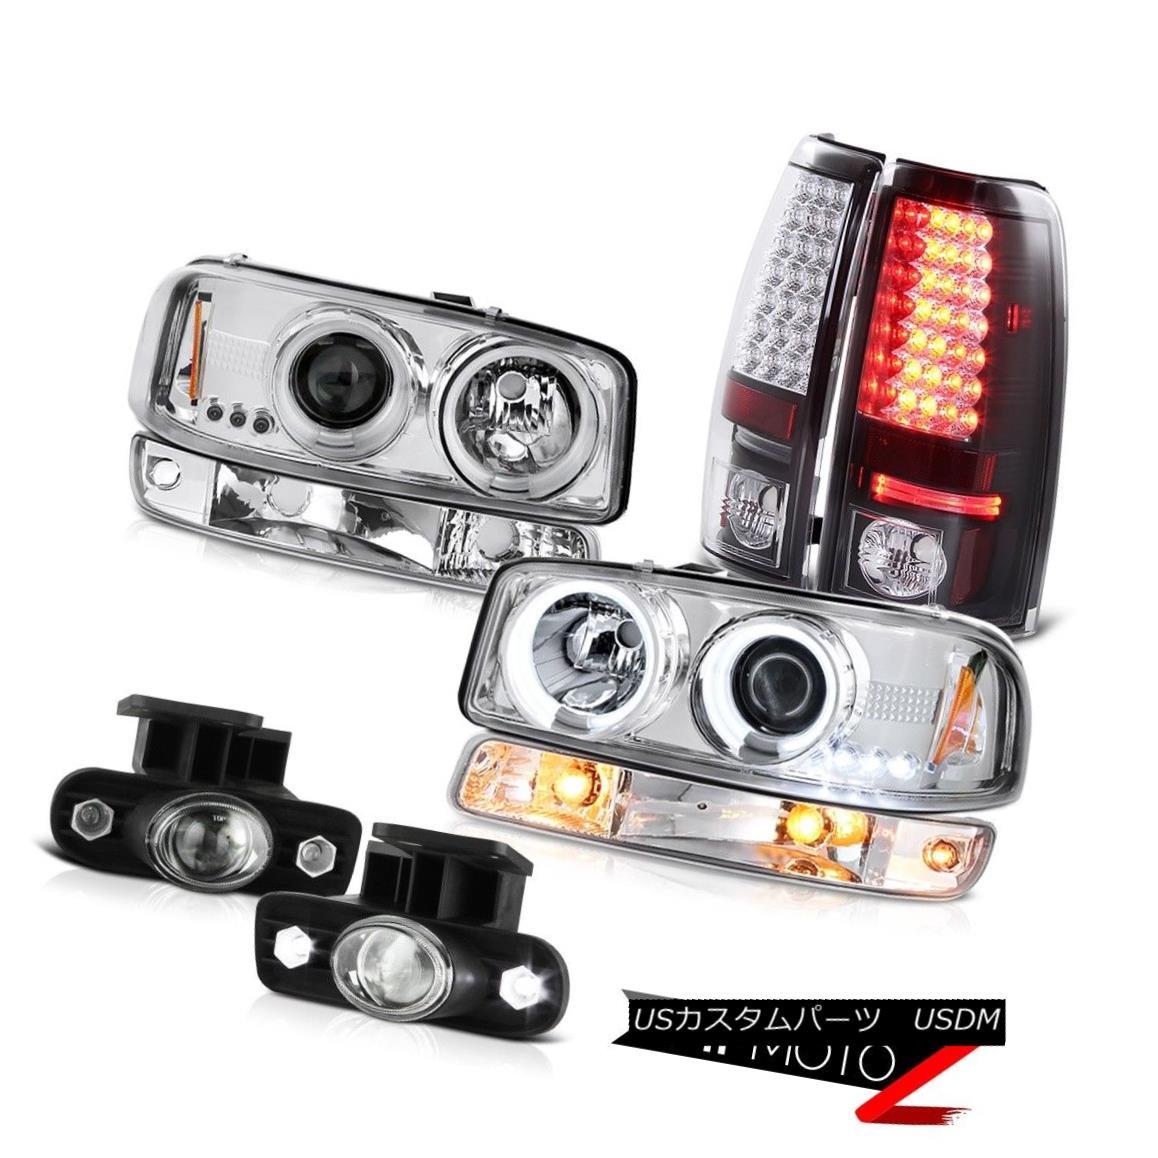 テールライト 99 00 01 02 Sierra 3500HD Fog lights black smd tail signal lamp ccfl Headlights 99 00 01 02シエラ3500HDフォグライトブラックsmdテールシグナルランプccflヘッドライト